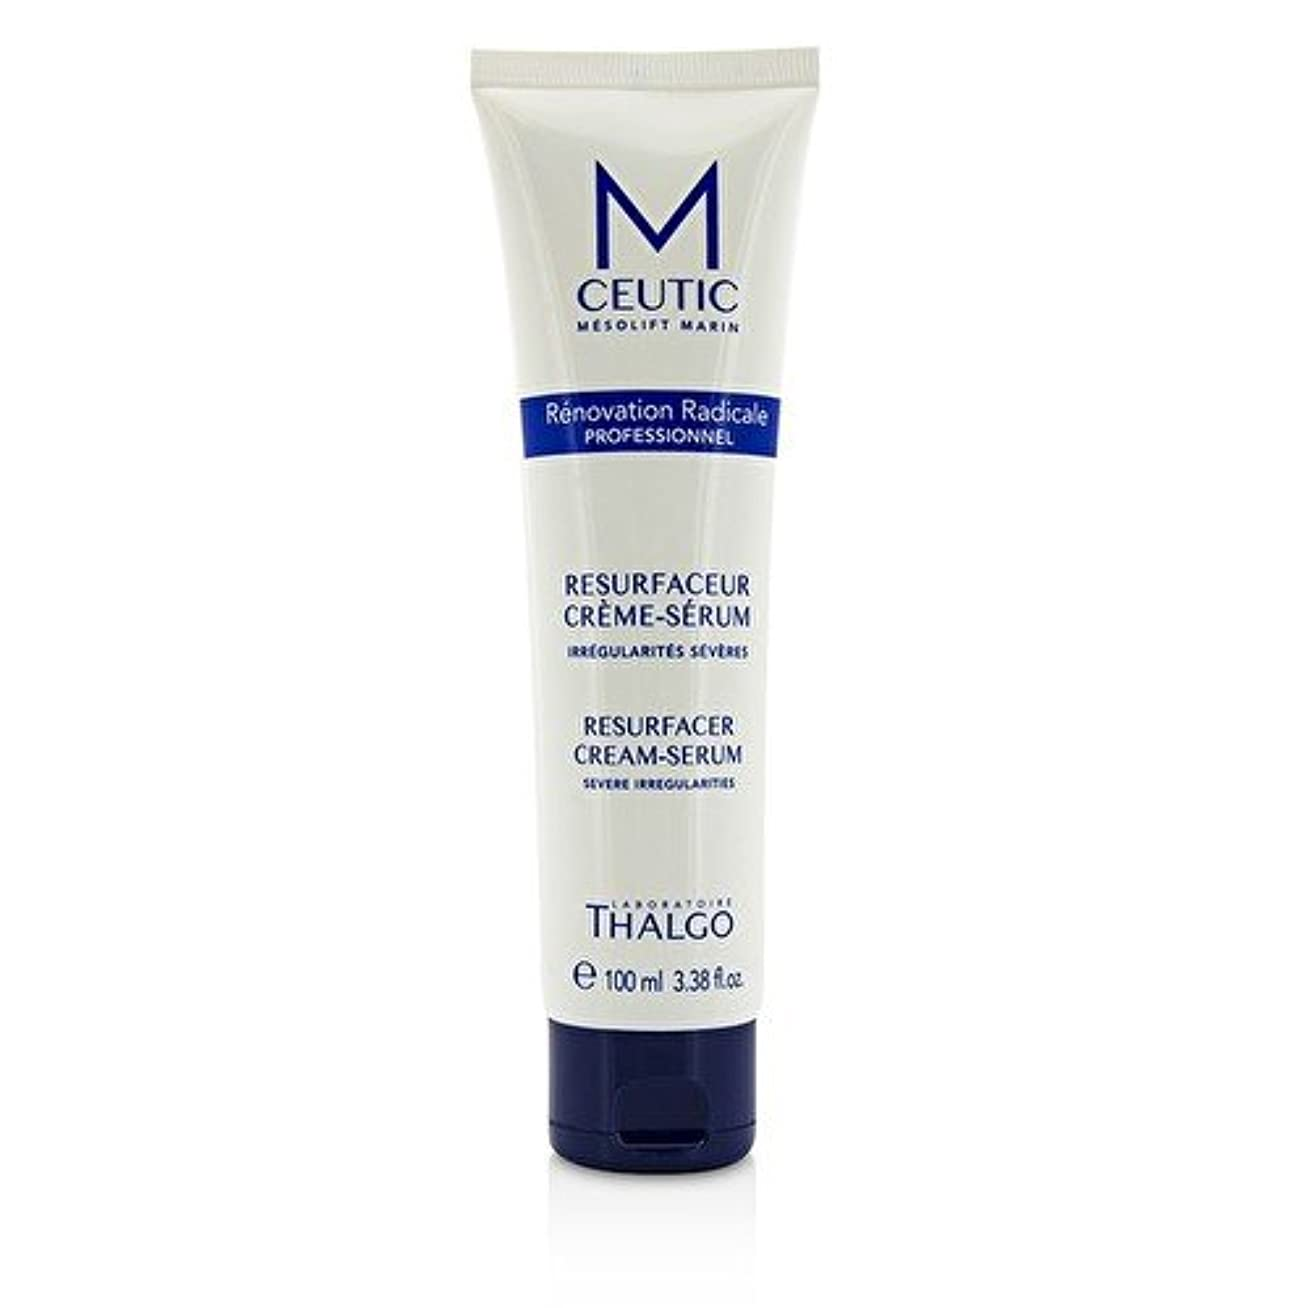 突っ込む前文無しタルゴ MCEUTIC Resurfacer Cream-Serum - Salon Size 100ml/3.38oz並行輸入品